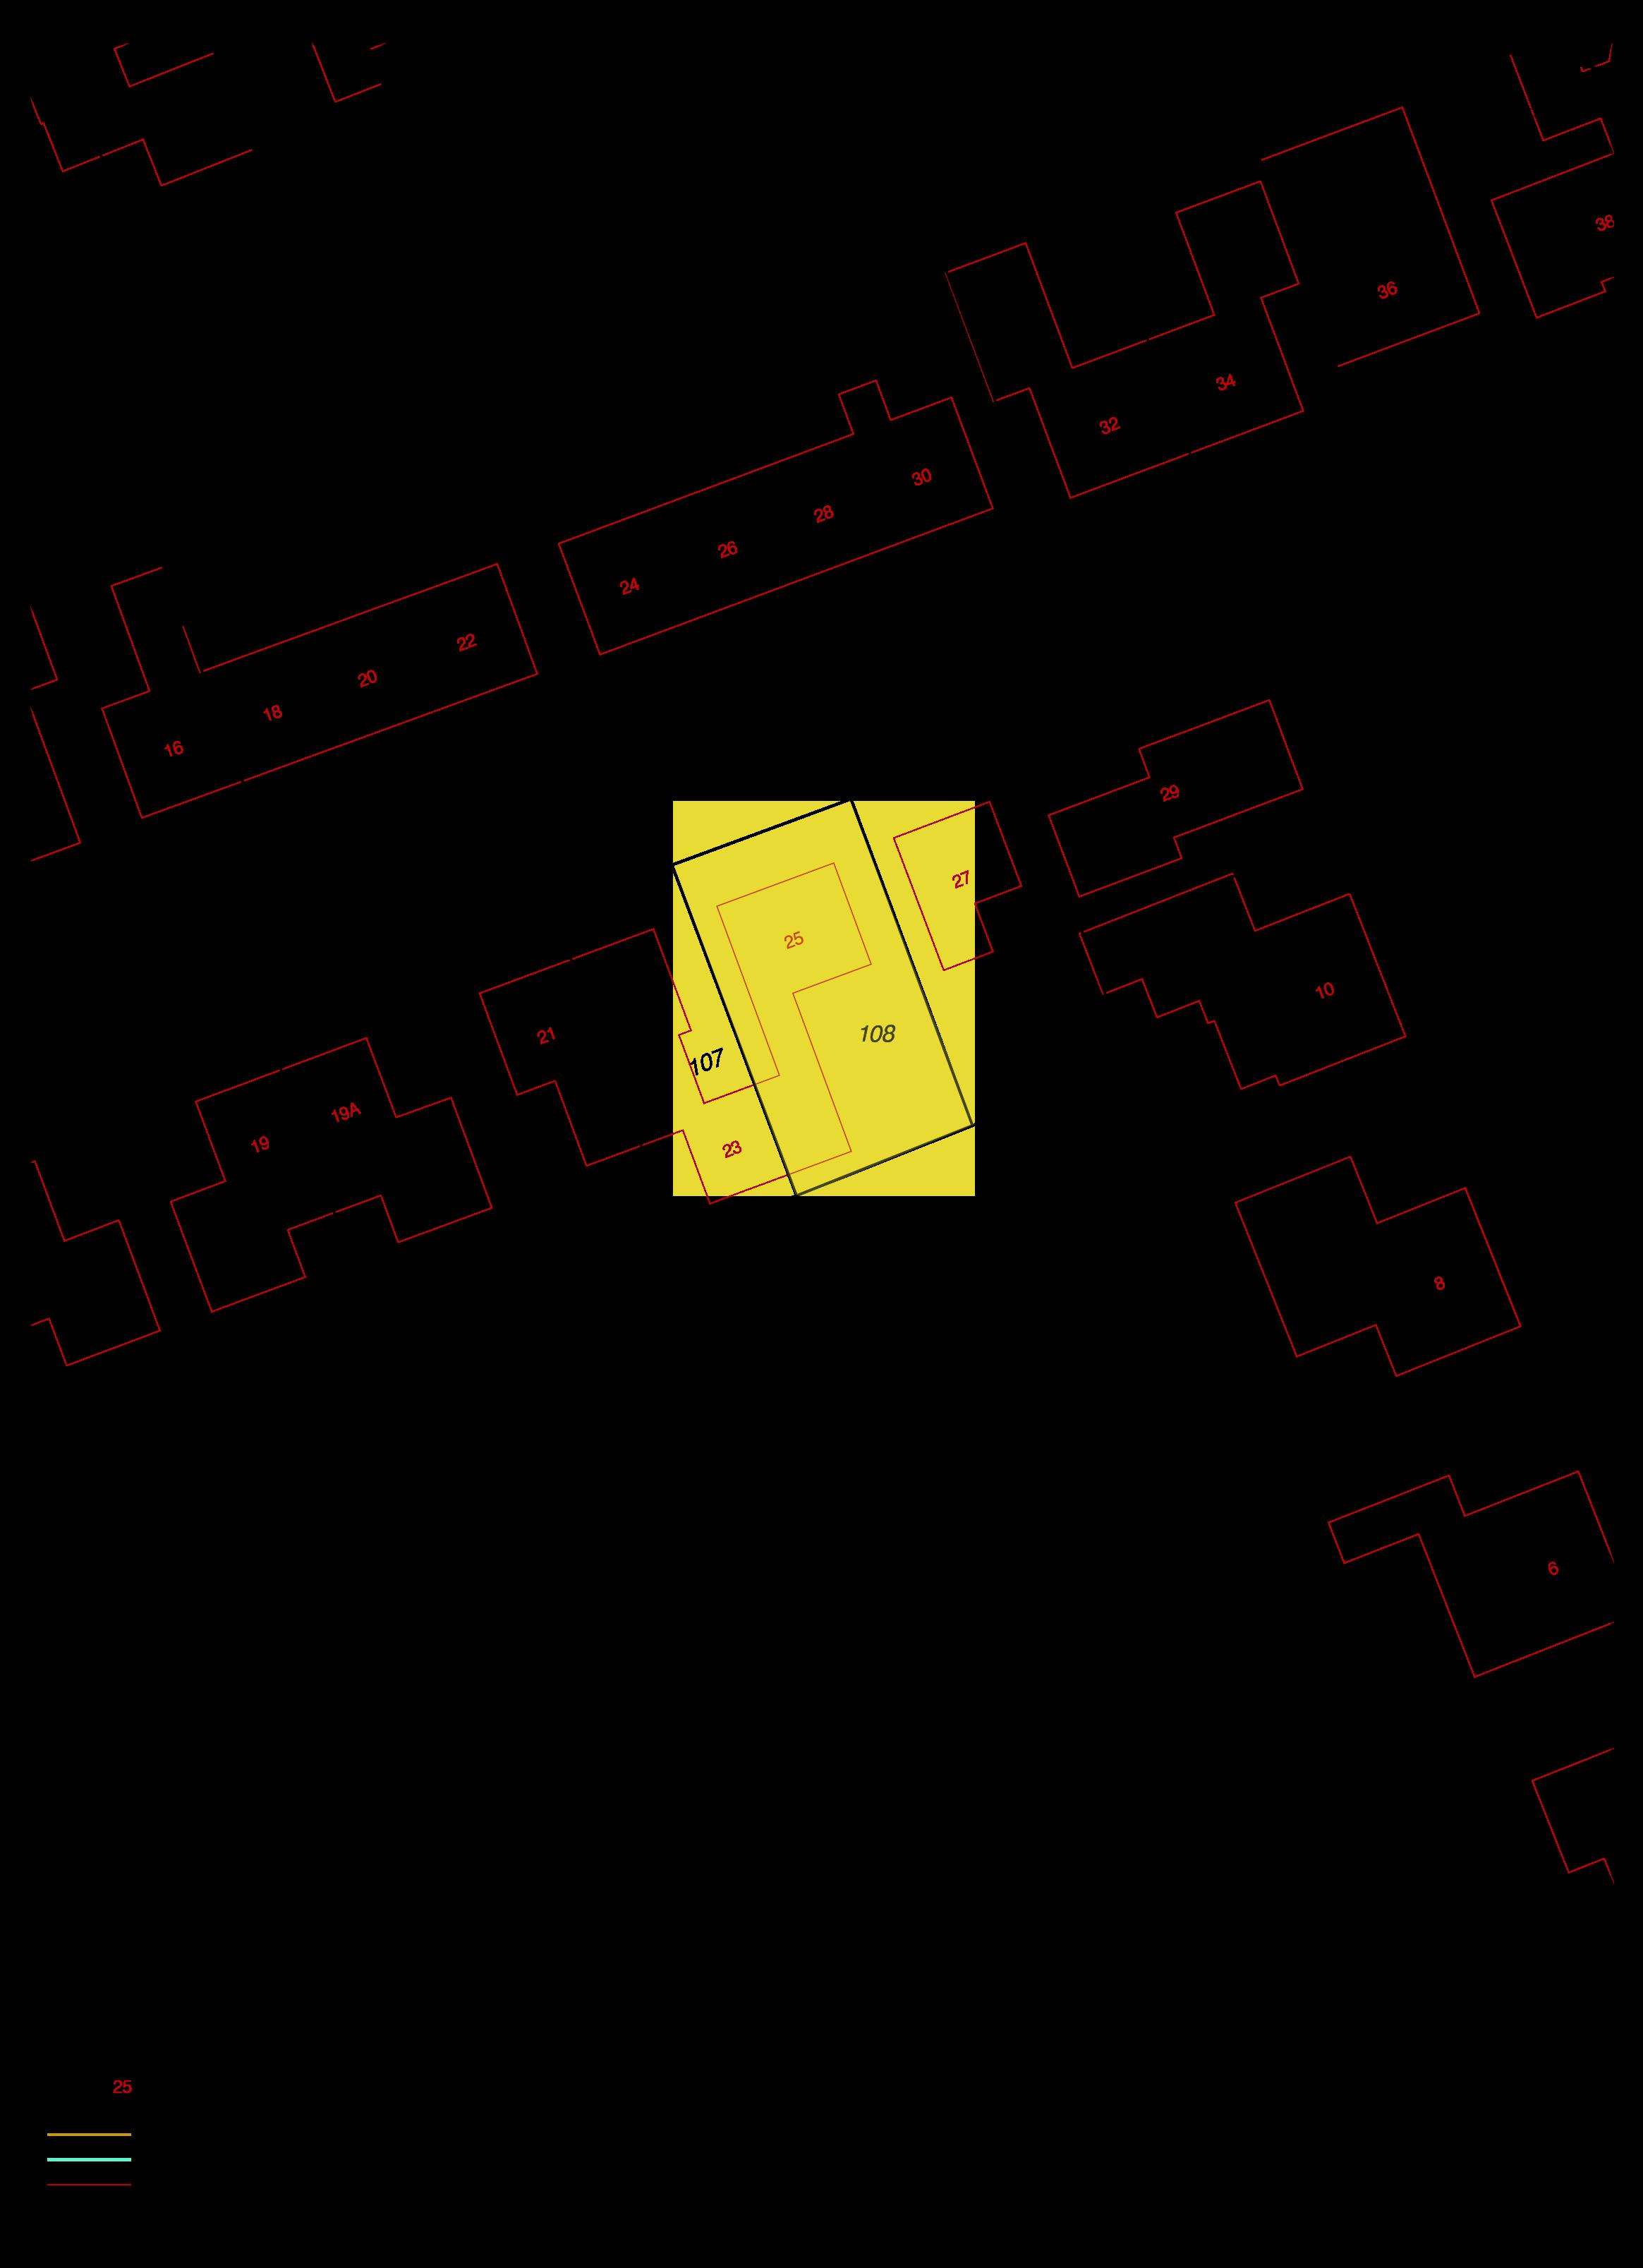 kadastrale kaart sloestraat 25 lewedorp ism makelaars